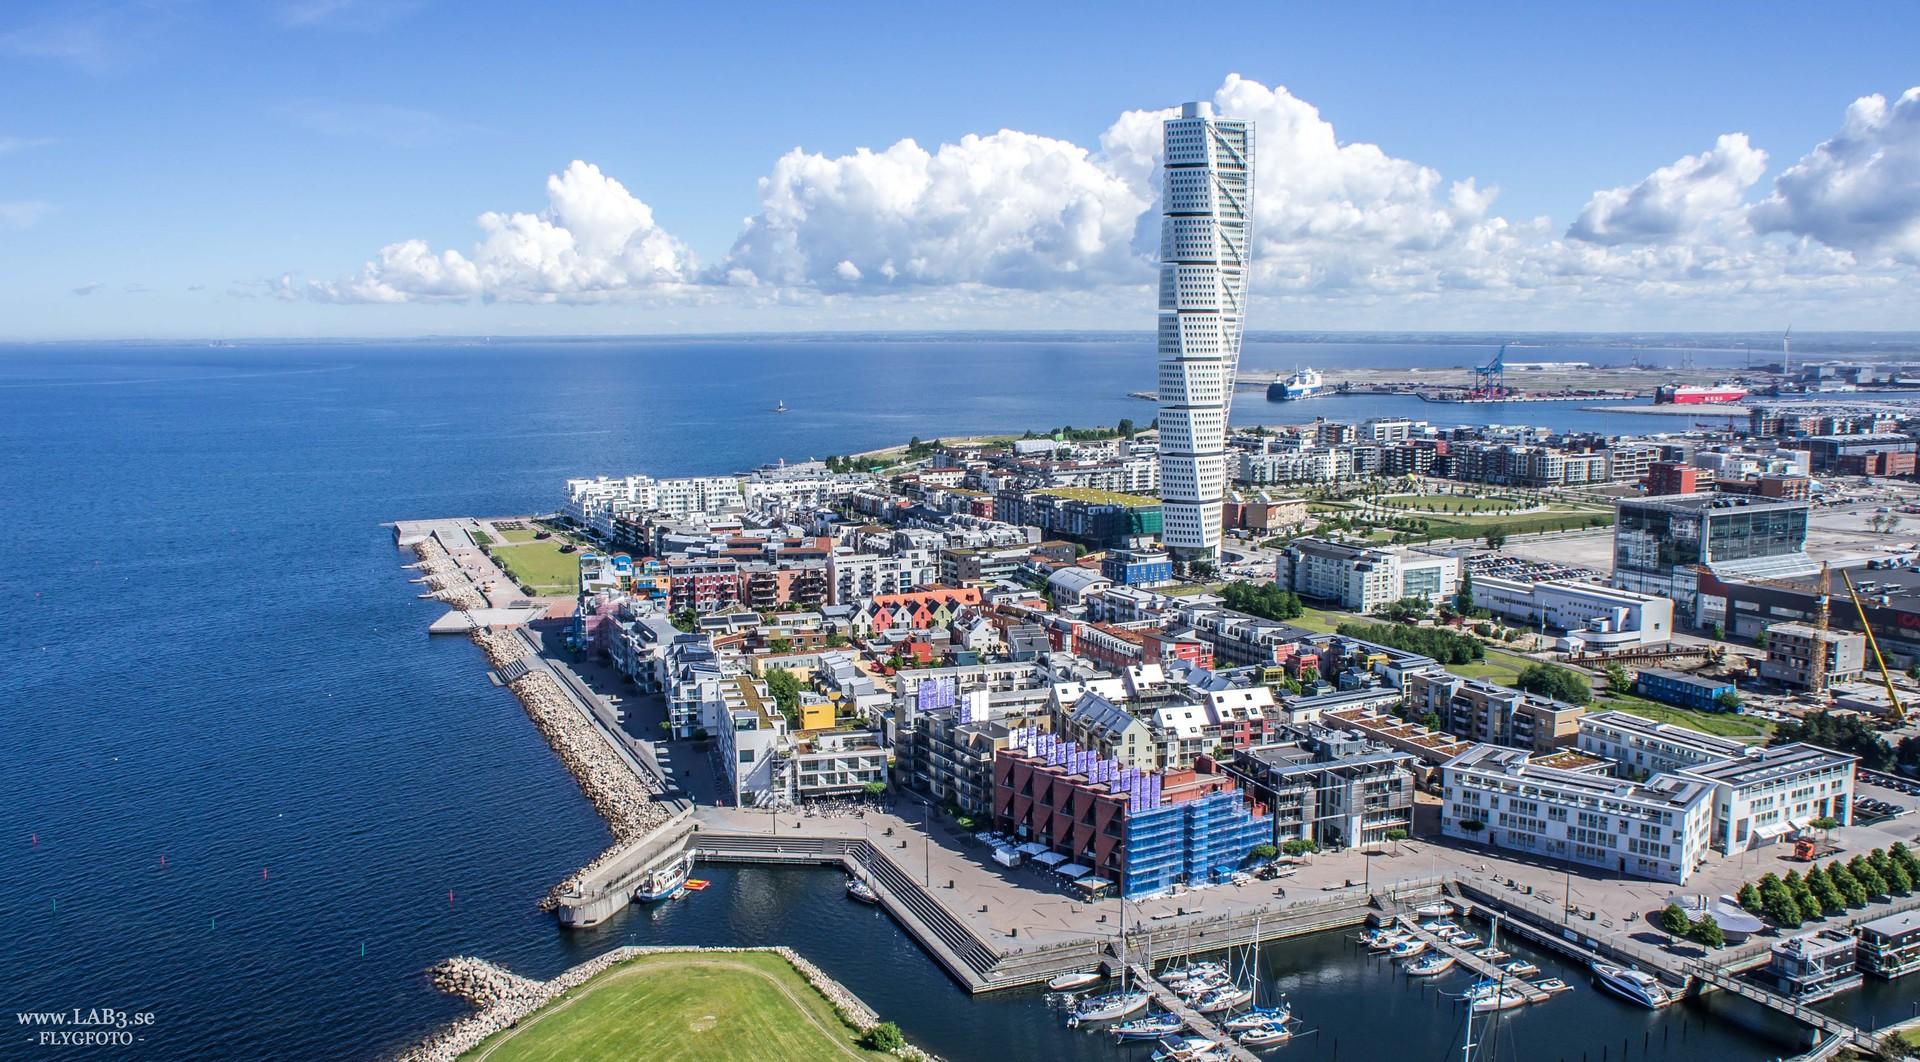 Experiência em Malmo, Suécia por Antonia